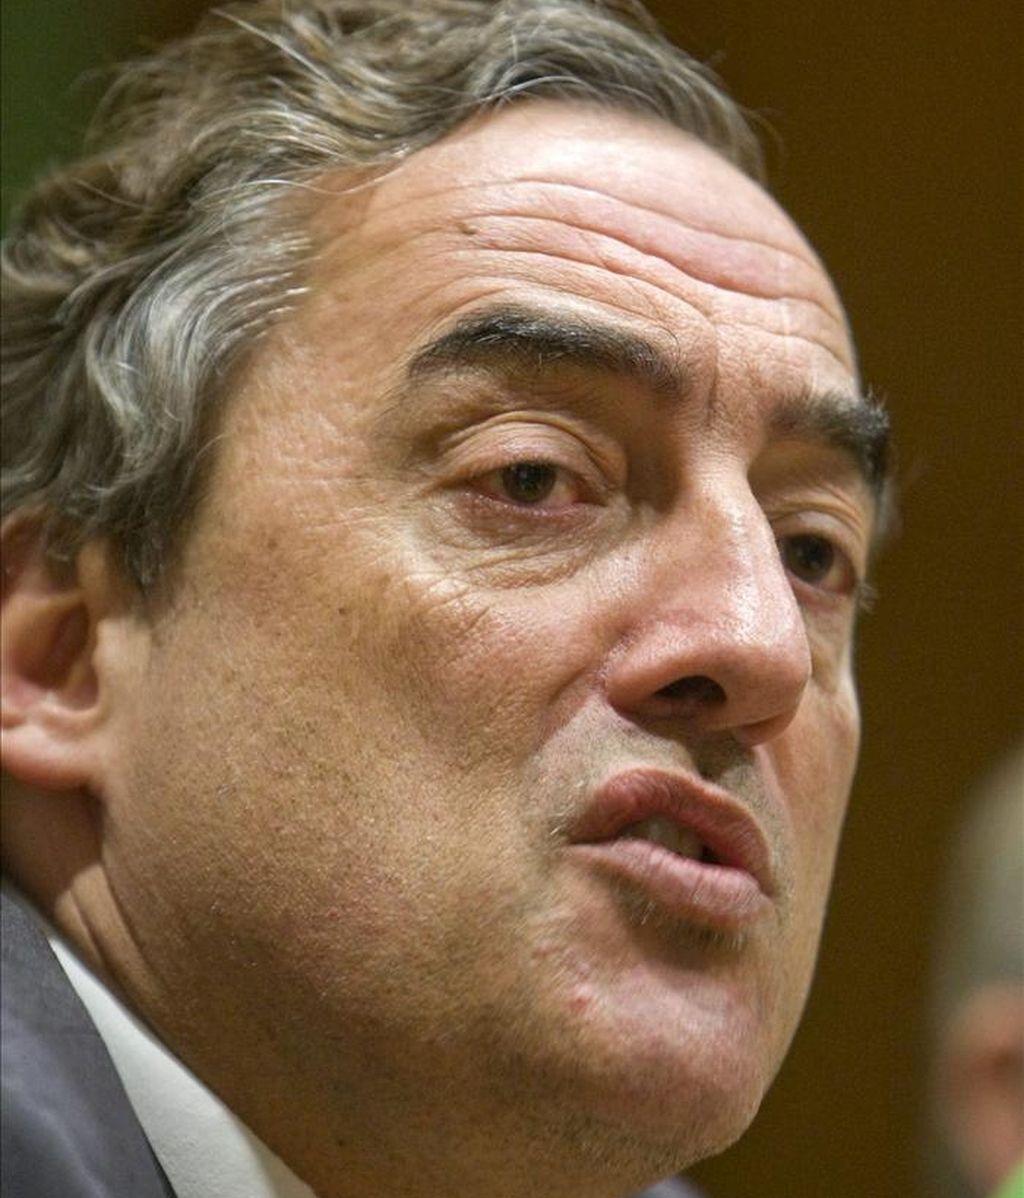 El presidente de la Confederación Española de Organizaciones Empresariales (CEOE), Juan Rosell. EFE/Archivo